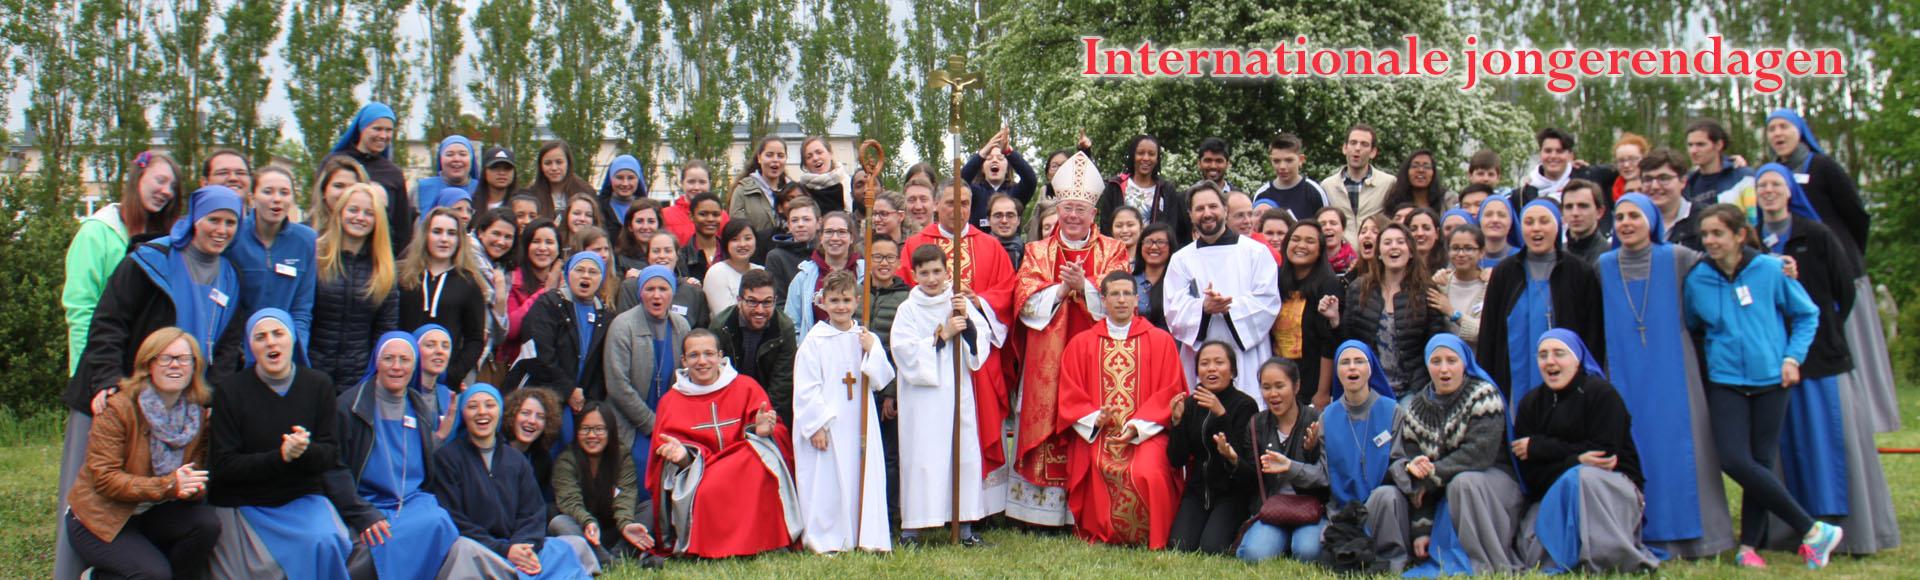 Internationale jongerendagen